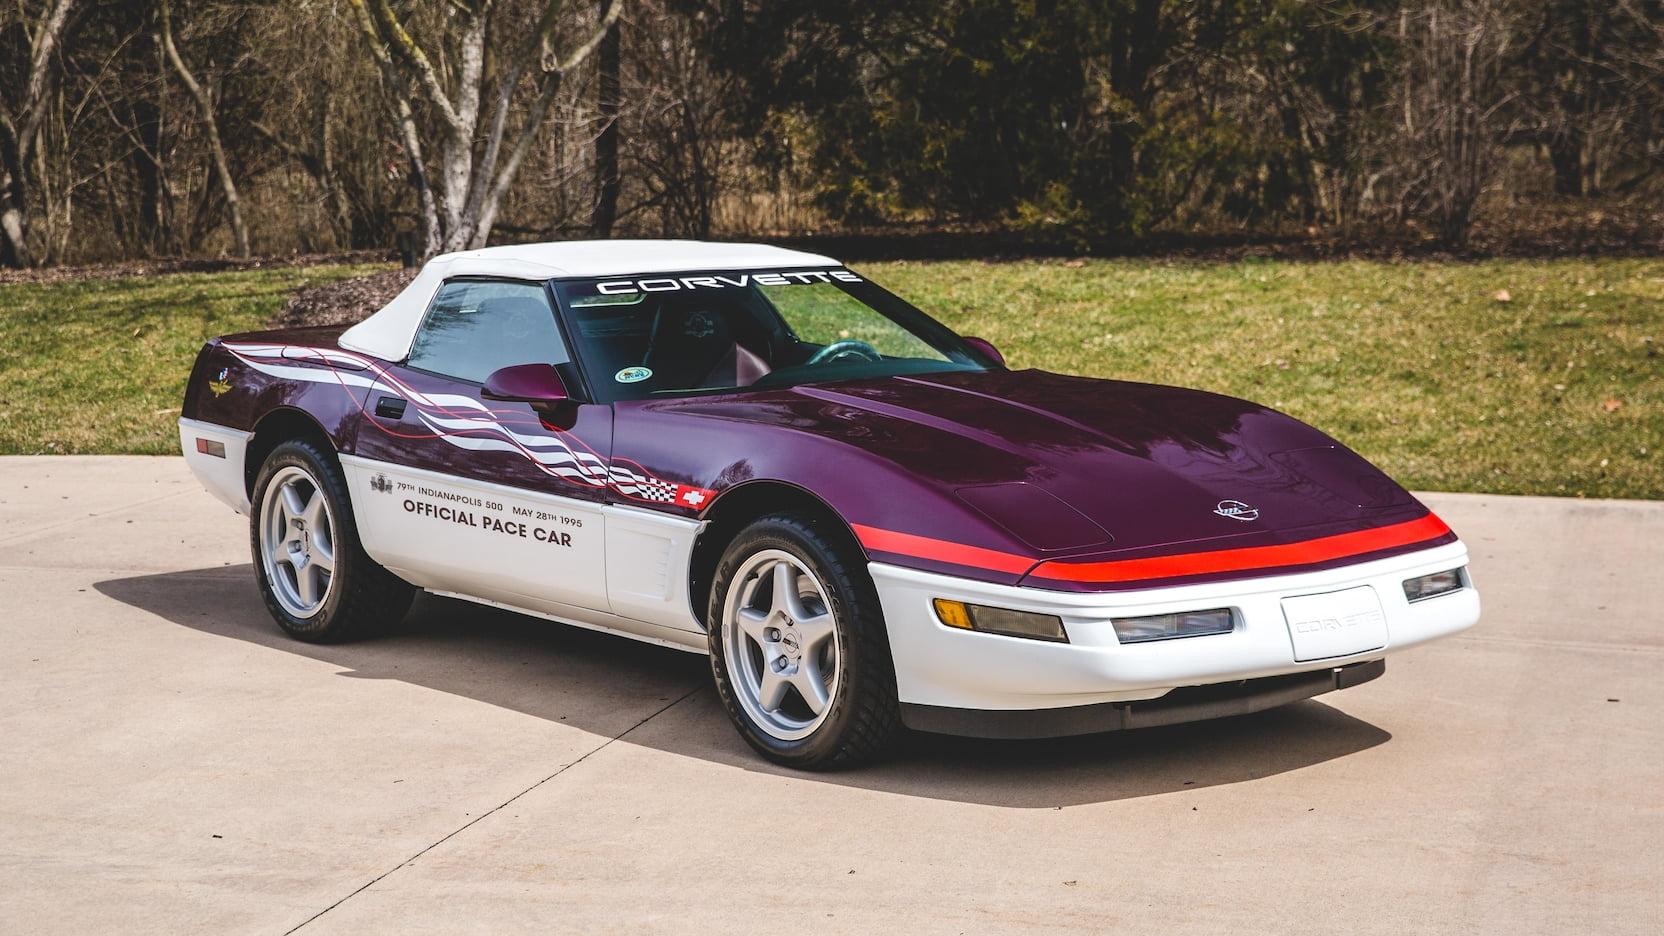 1995 Chevrolet Corvette Pace Car Edition Front 3/4